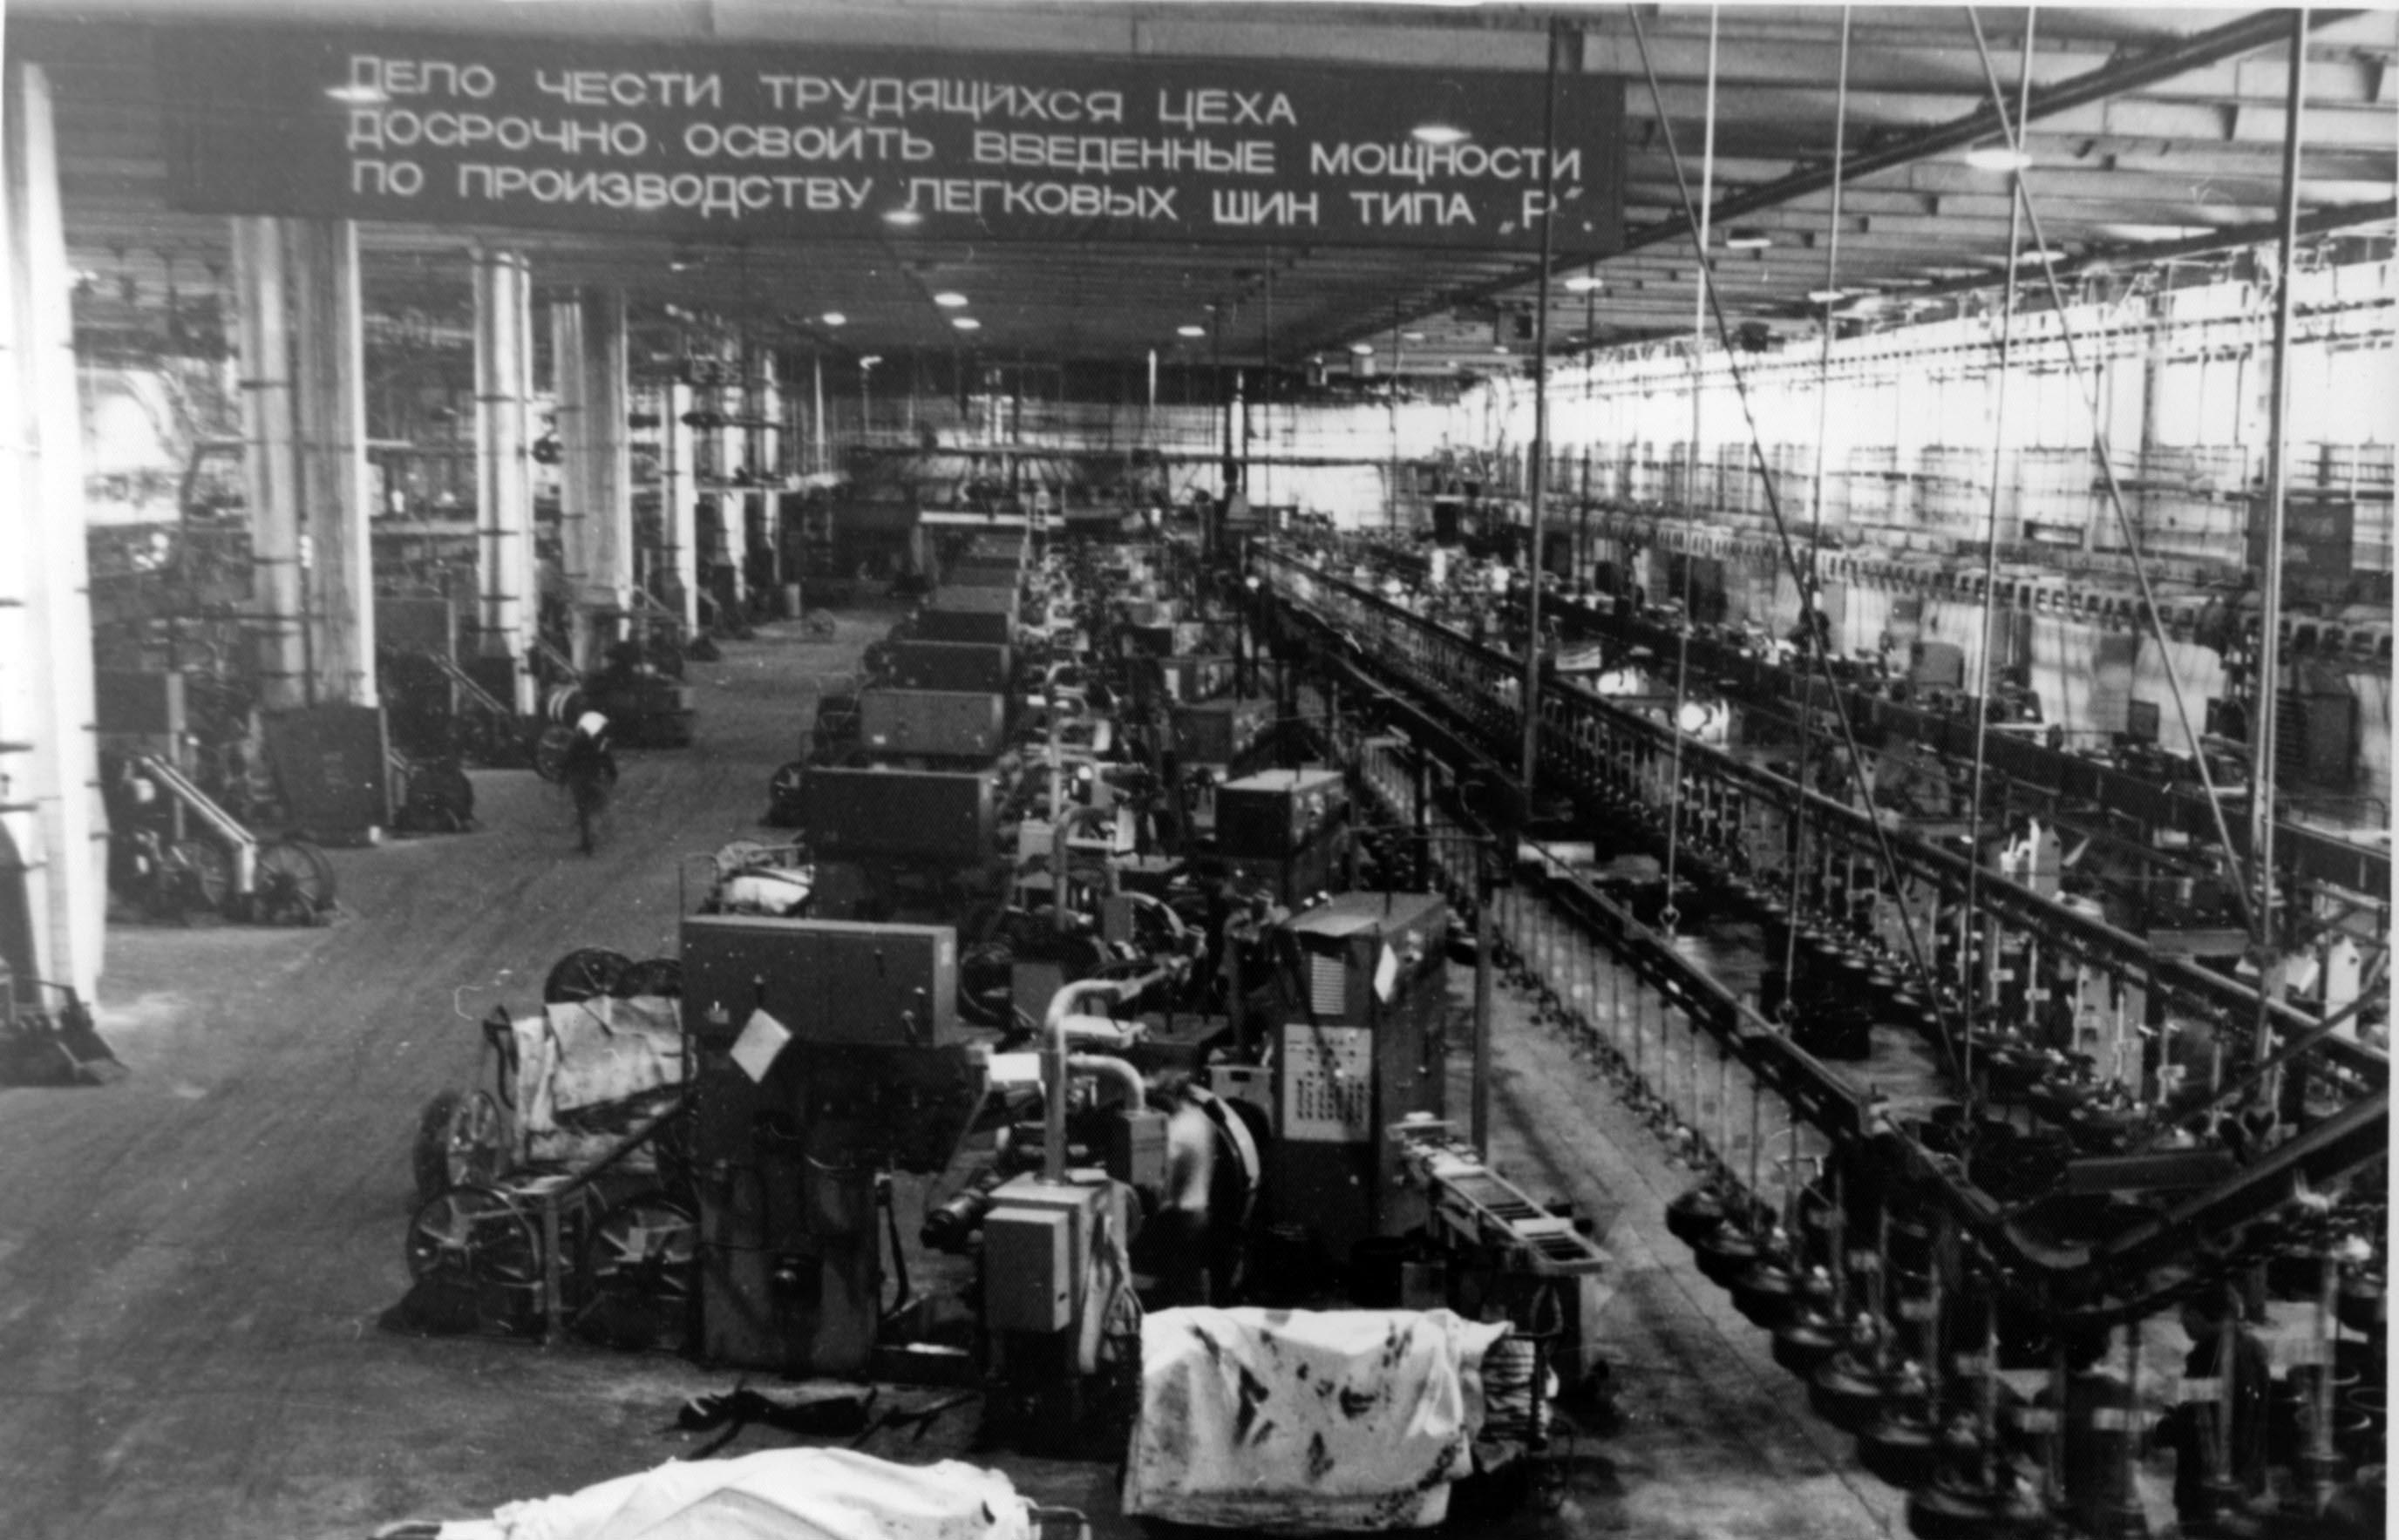 45 лет неисчерпаемой энергии белоцерковских шинников – от прошлого к настоящему 4